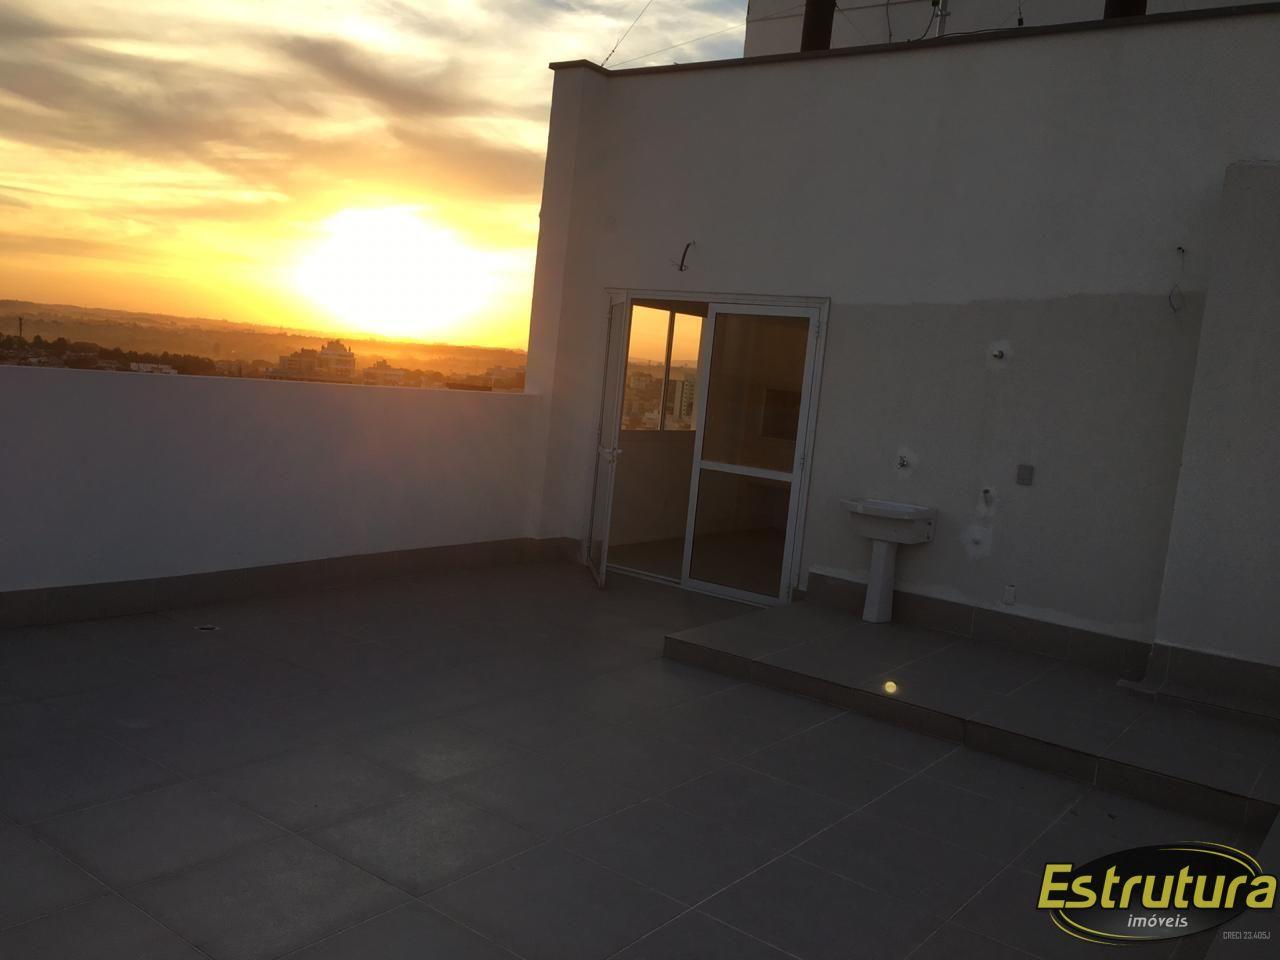 Cobertura com 3 Dormitórios à venda, 201 m² por R$ 1.561.000,00